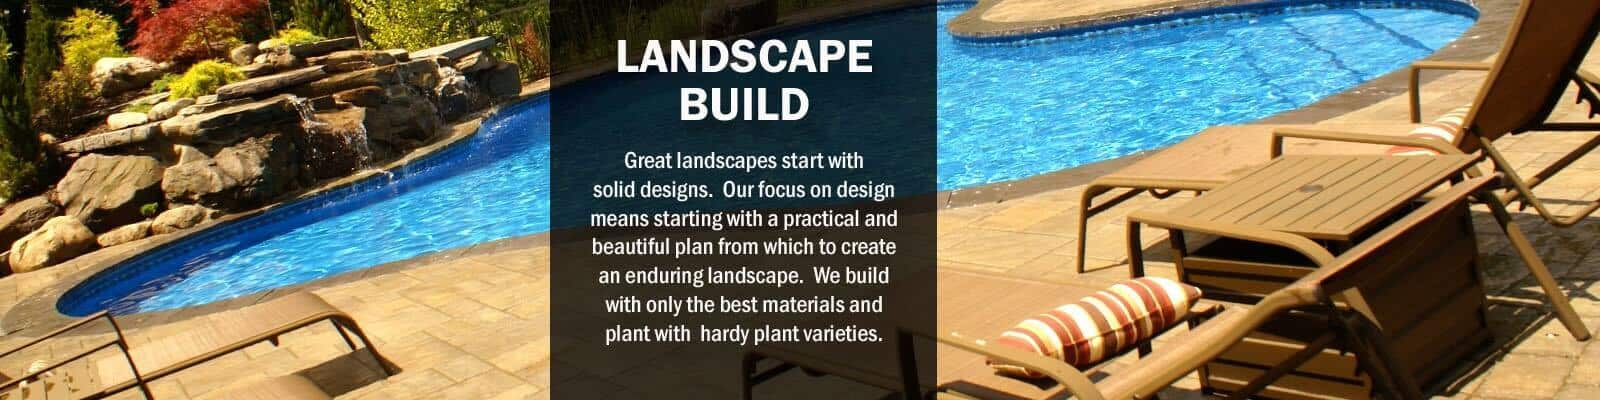 landscape build